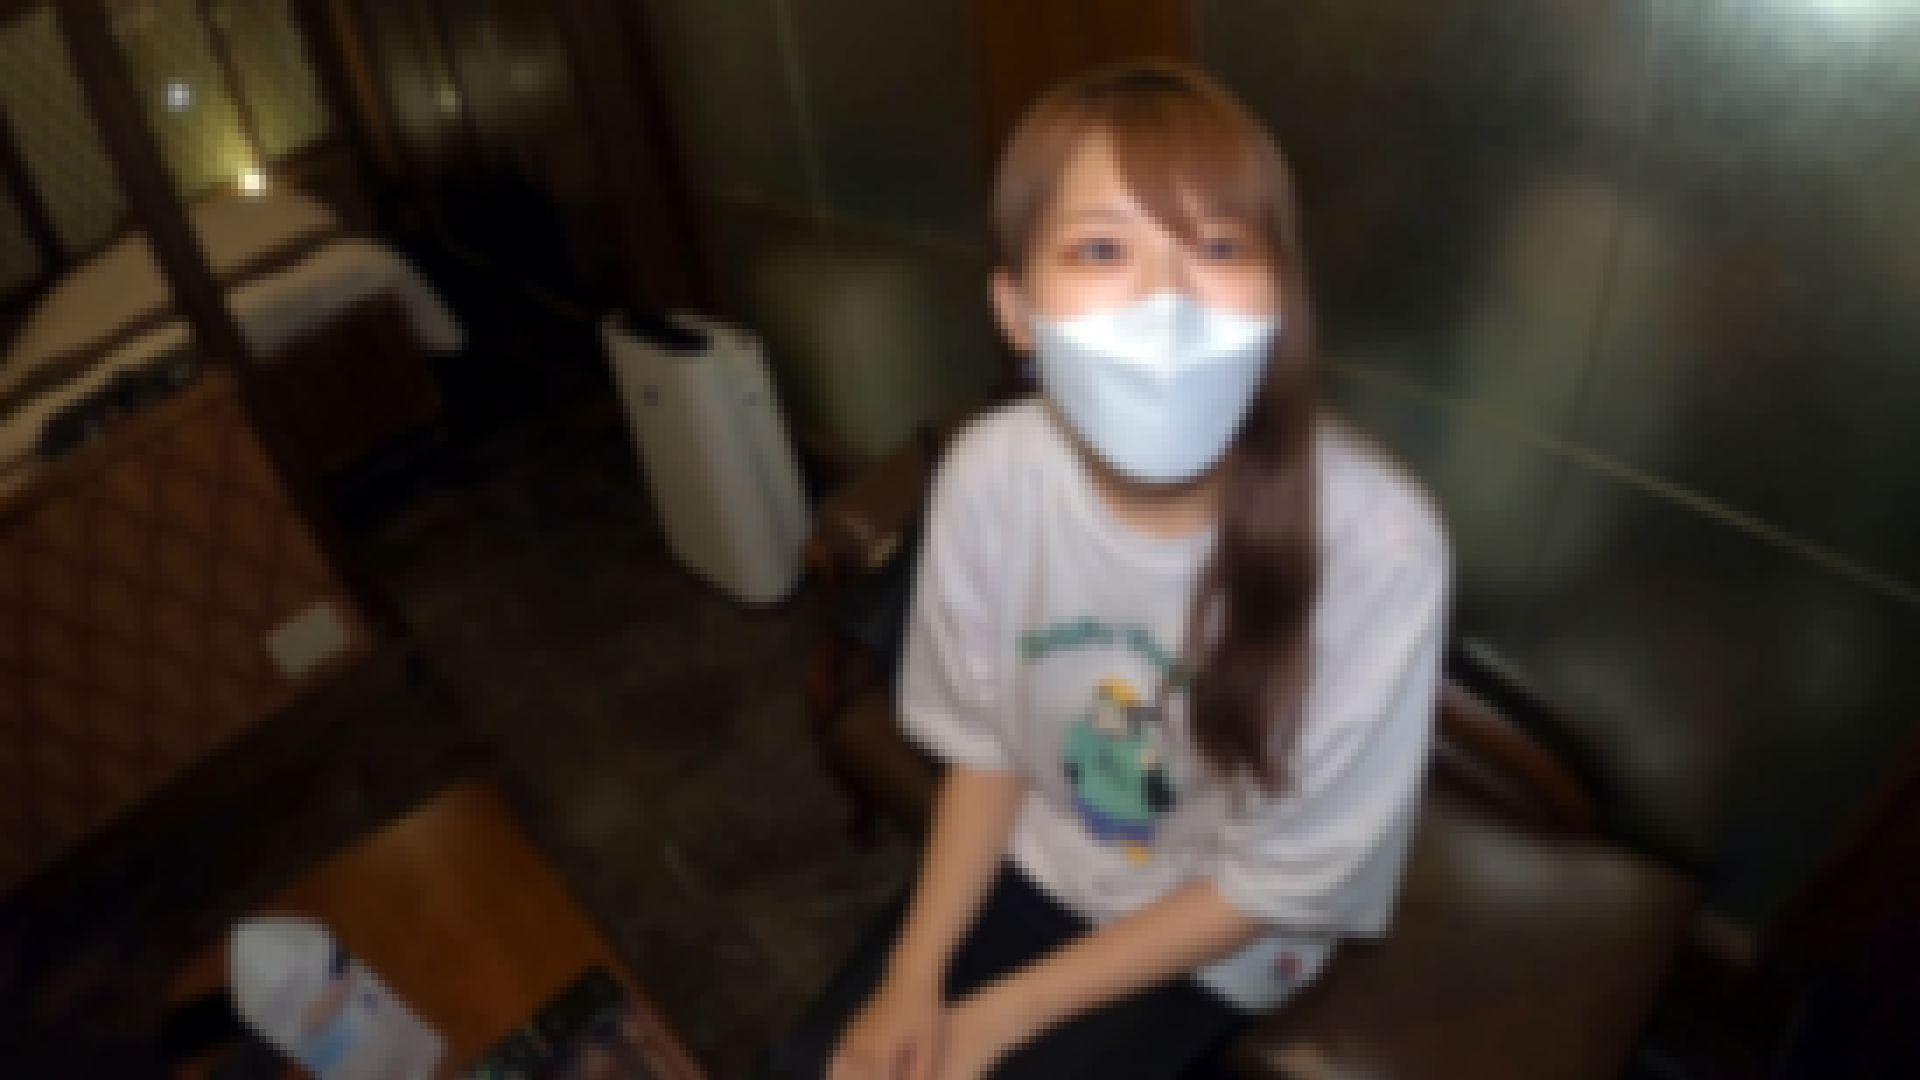 はれんち素人Vol.2 / ななみ(19) 身長175cm サンプル画像